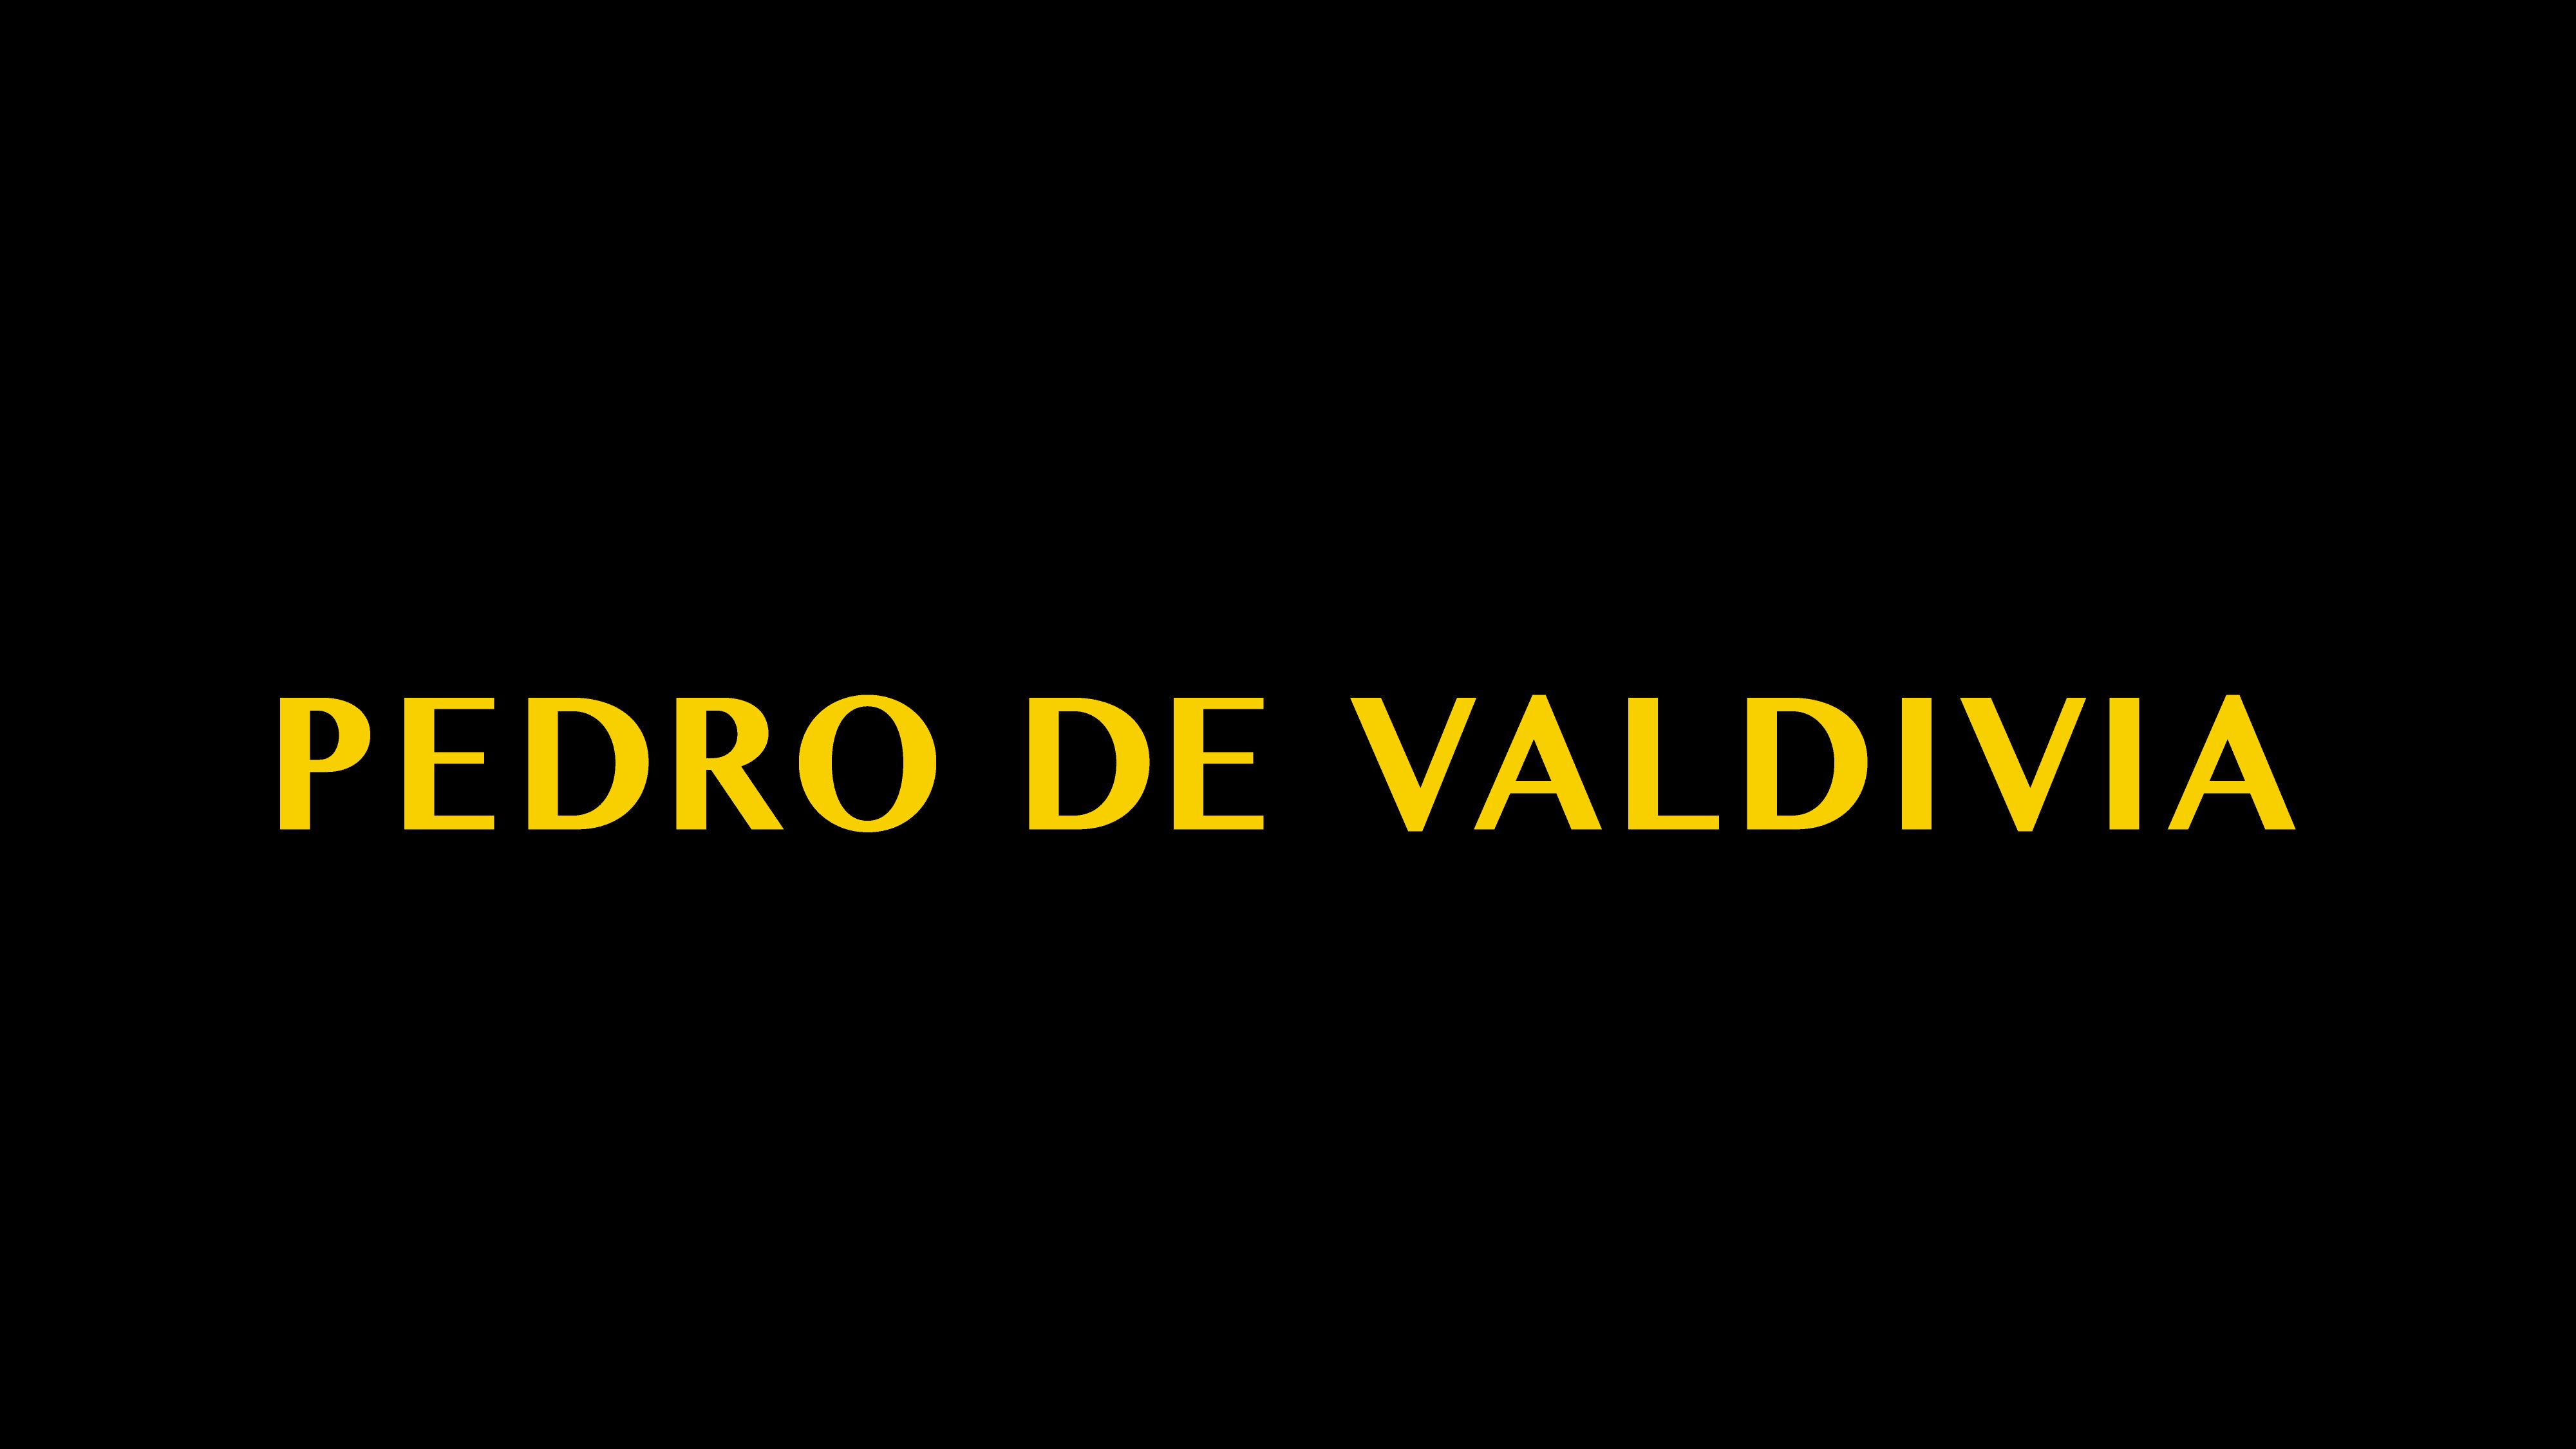 Alianza PREUNIVERSITARIO PEDRO DE VALDIVIA – Clínica Cela